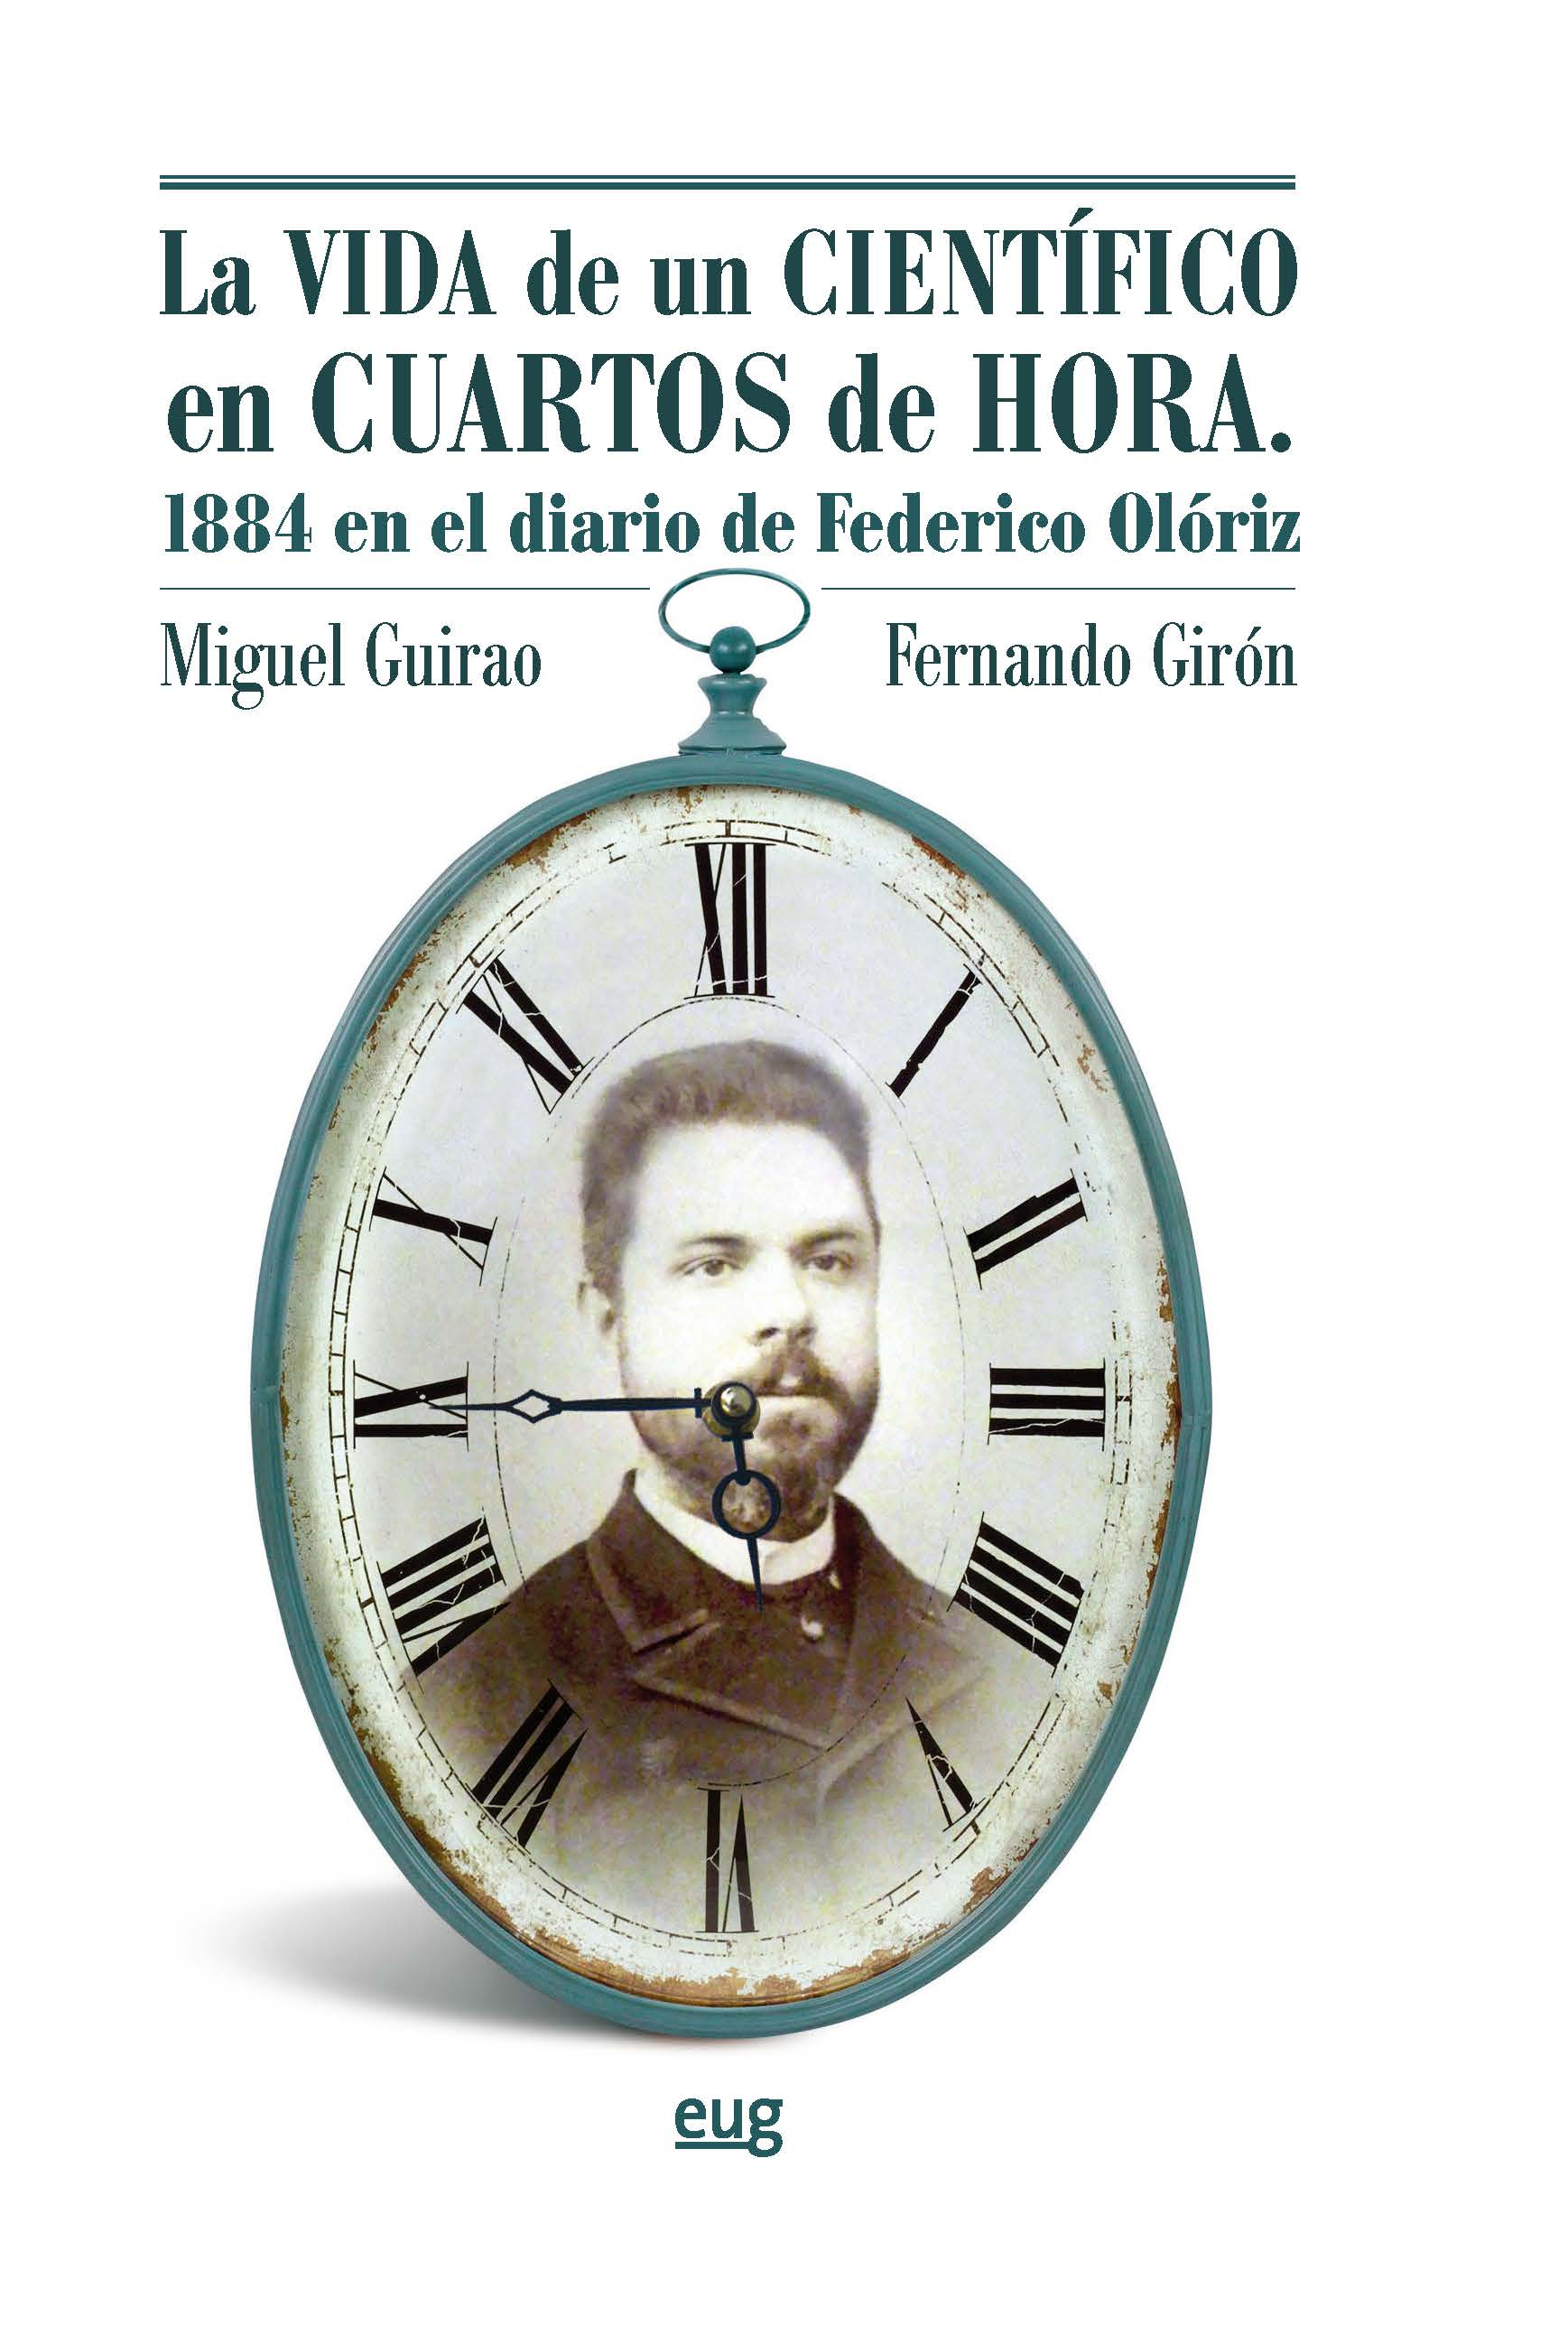 VIDA DE UN CIENTIFICO EN CUARTOS DE HORA 1884 DIARIO FEDERI